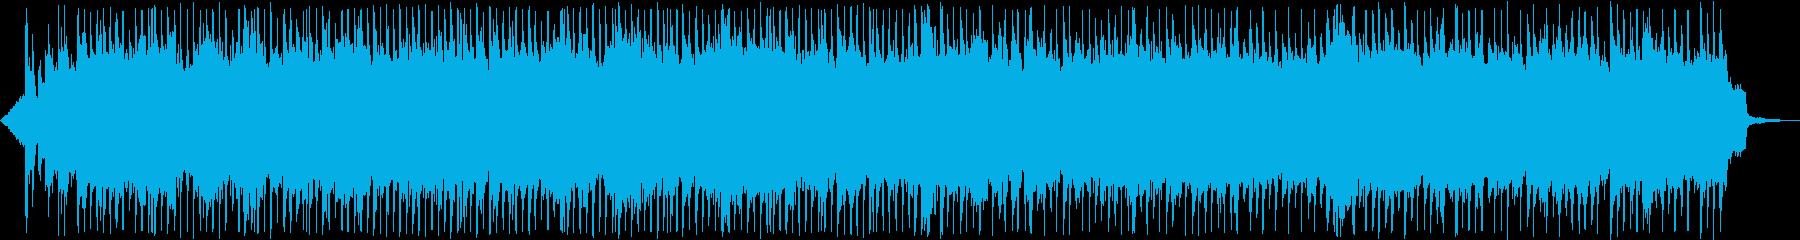 和風の情熱的なロックの再生済みの波形